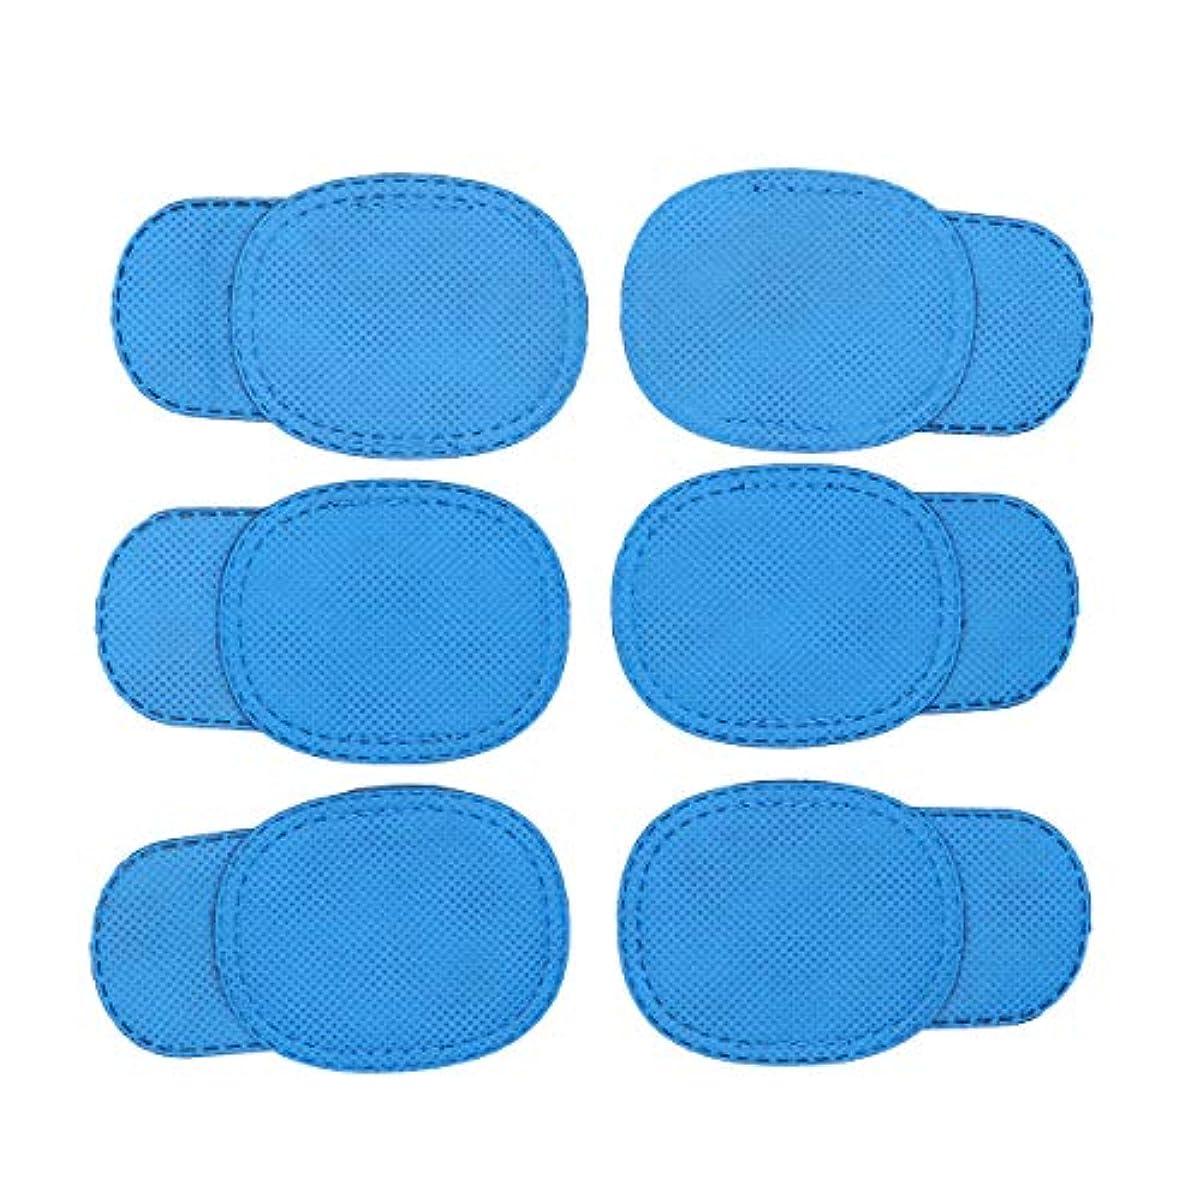 分配しますアクセル感嘆符Healifty メガネのための12個の弱視アイパッチは子供のための怠惰な目と斜視を扱います子供(ブルー)